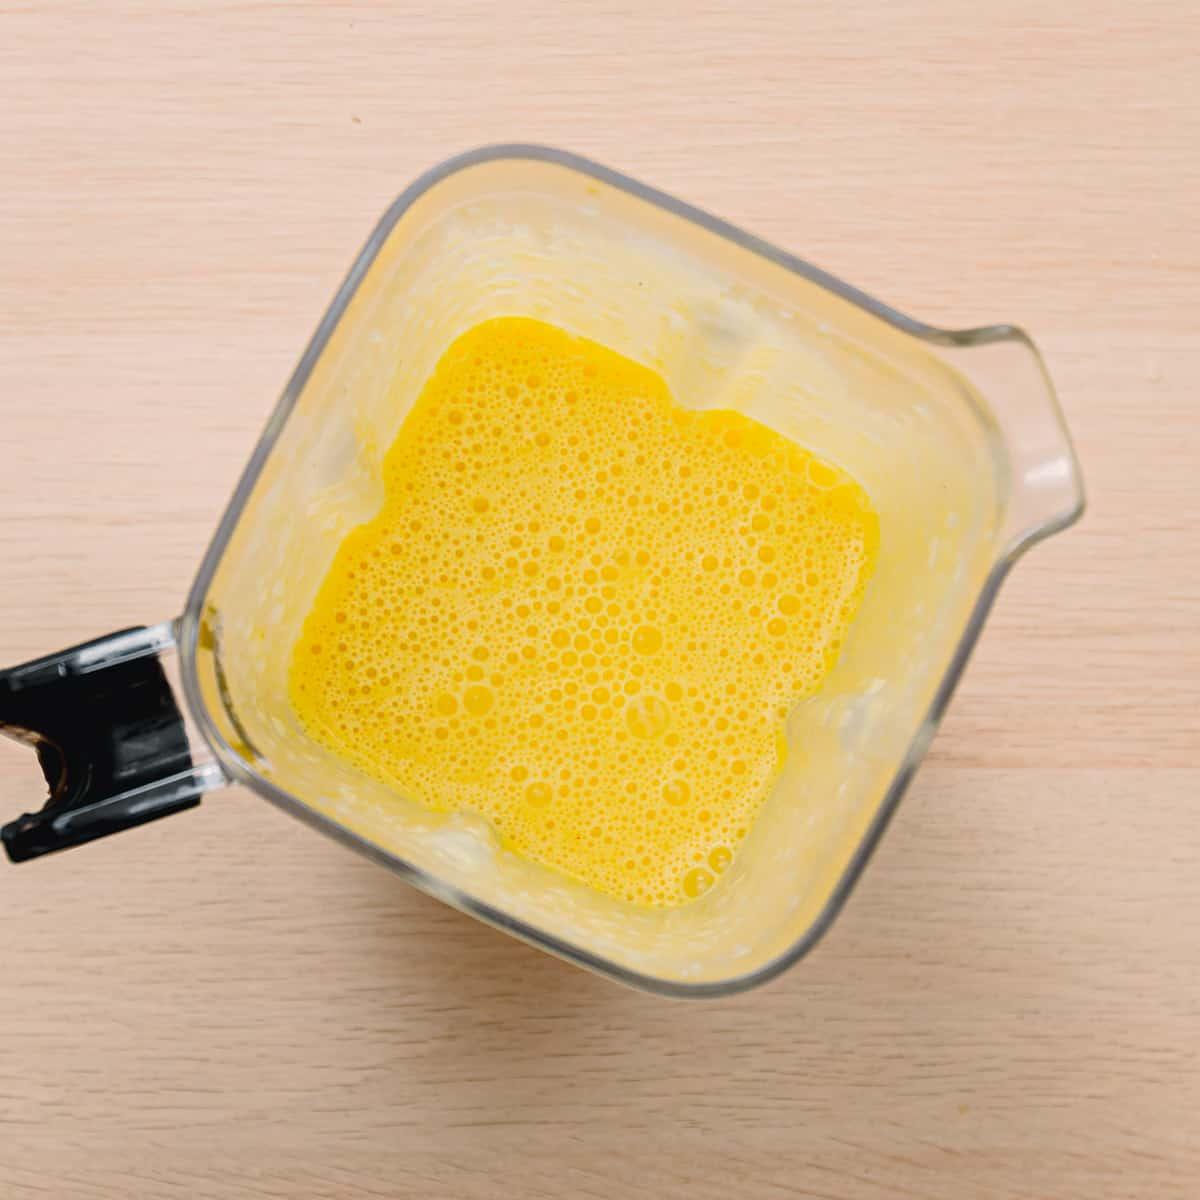 Egg Yolk and Lemon